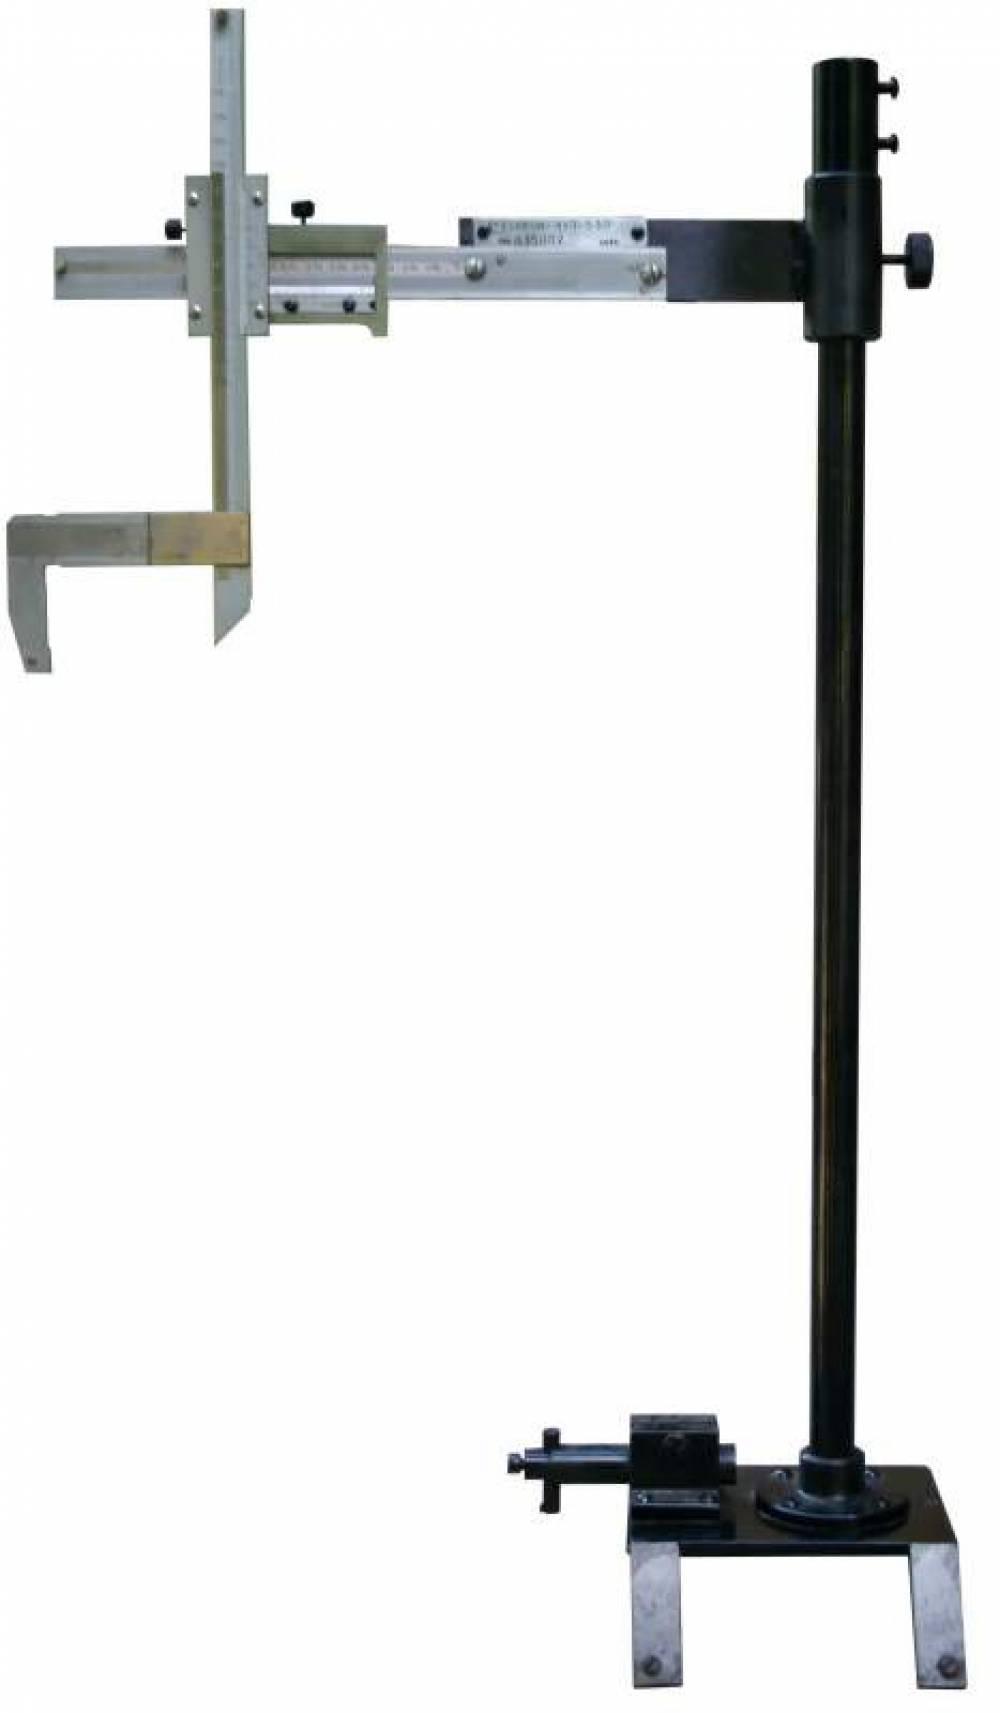 Стойка измерительная радиуса колеса  СИРК-Ш-530-630 (относительно шейки оси колесной пары электровоза)